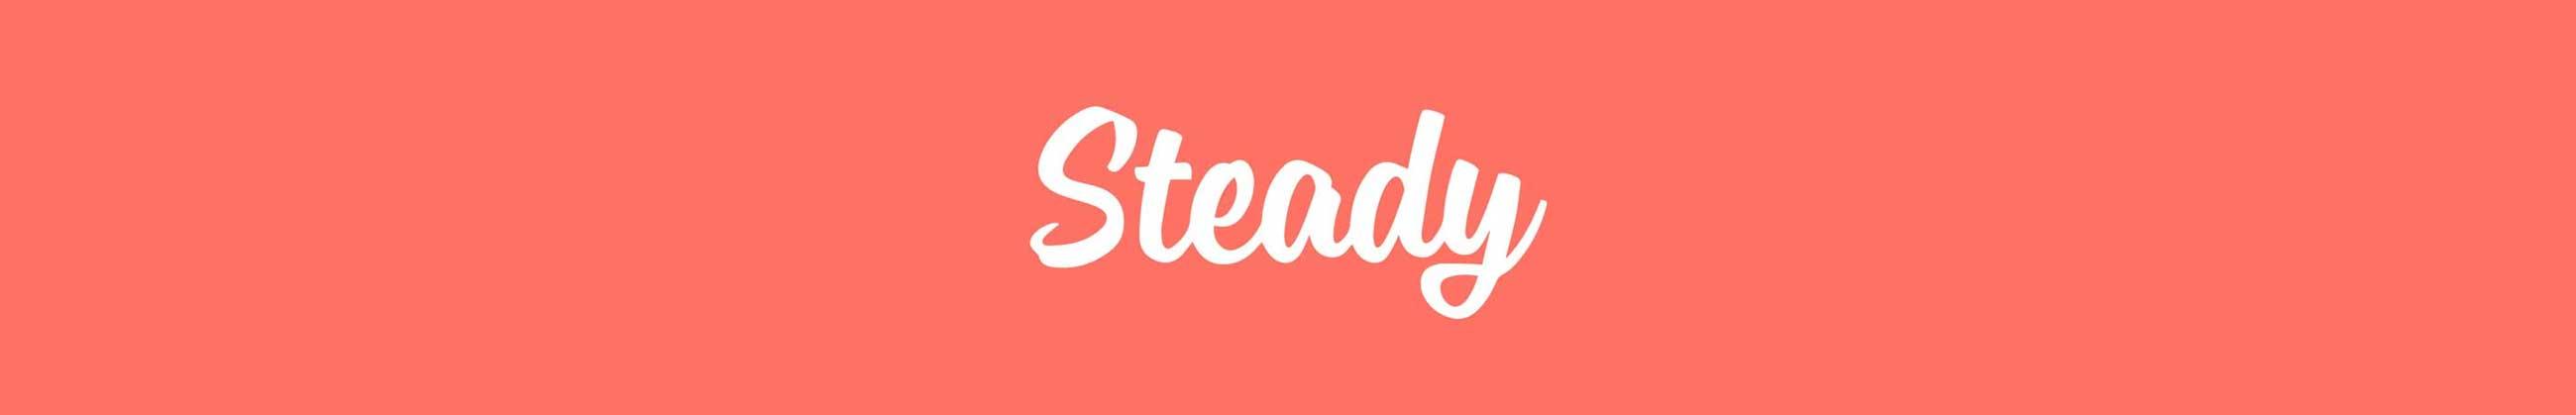 Den Blog unterstützen Steady-1